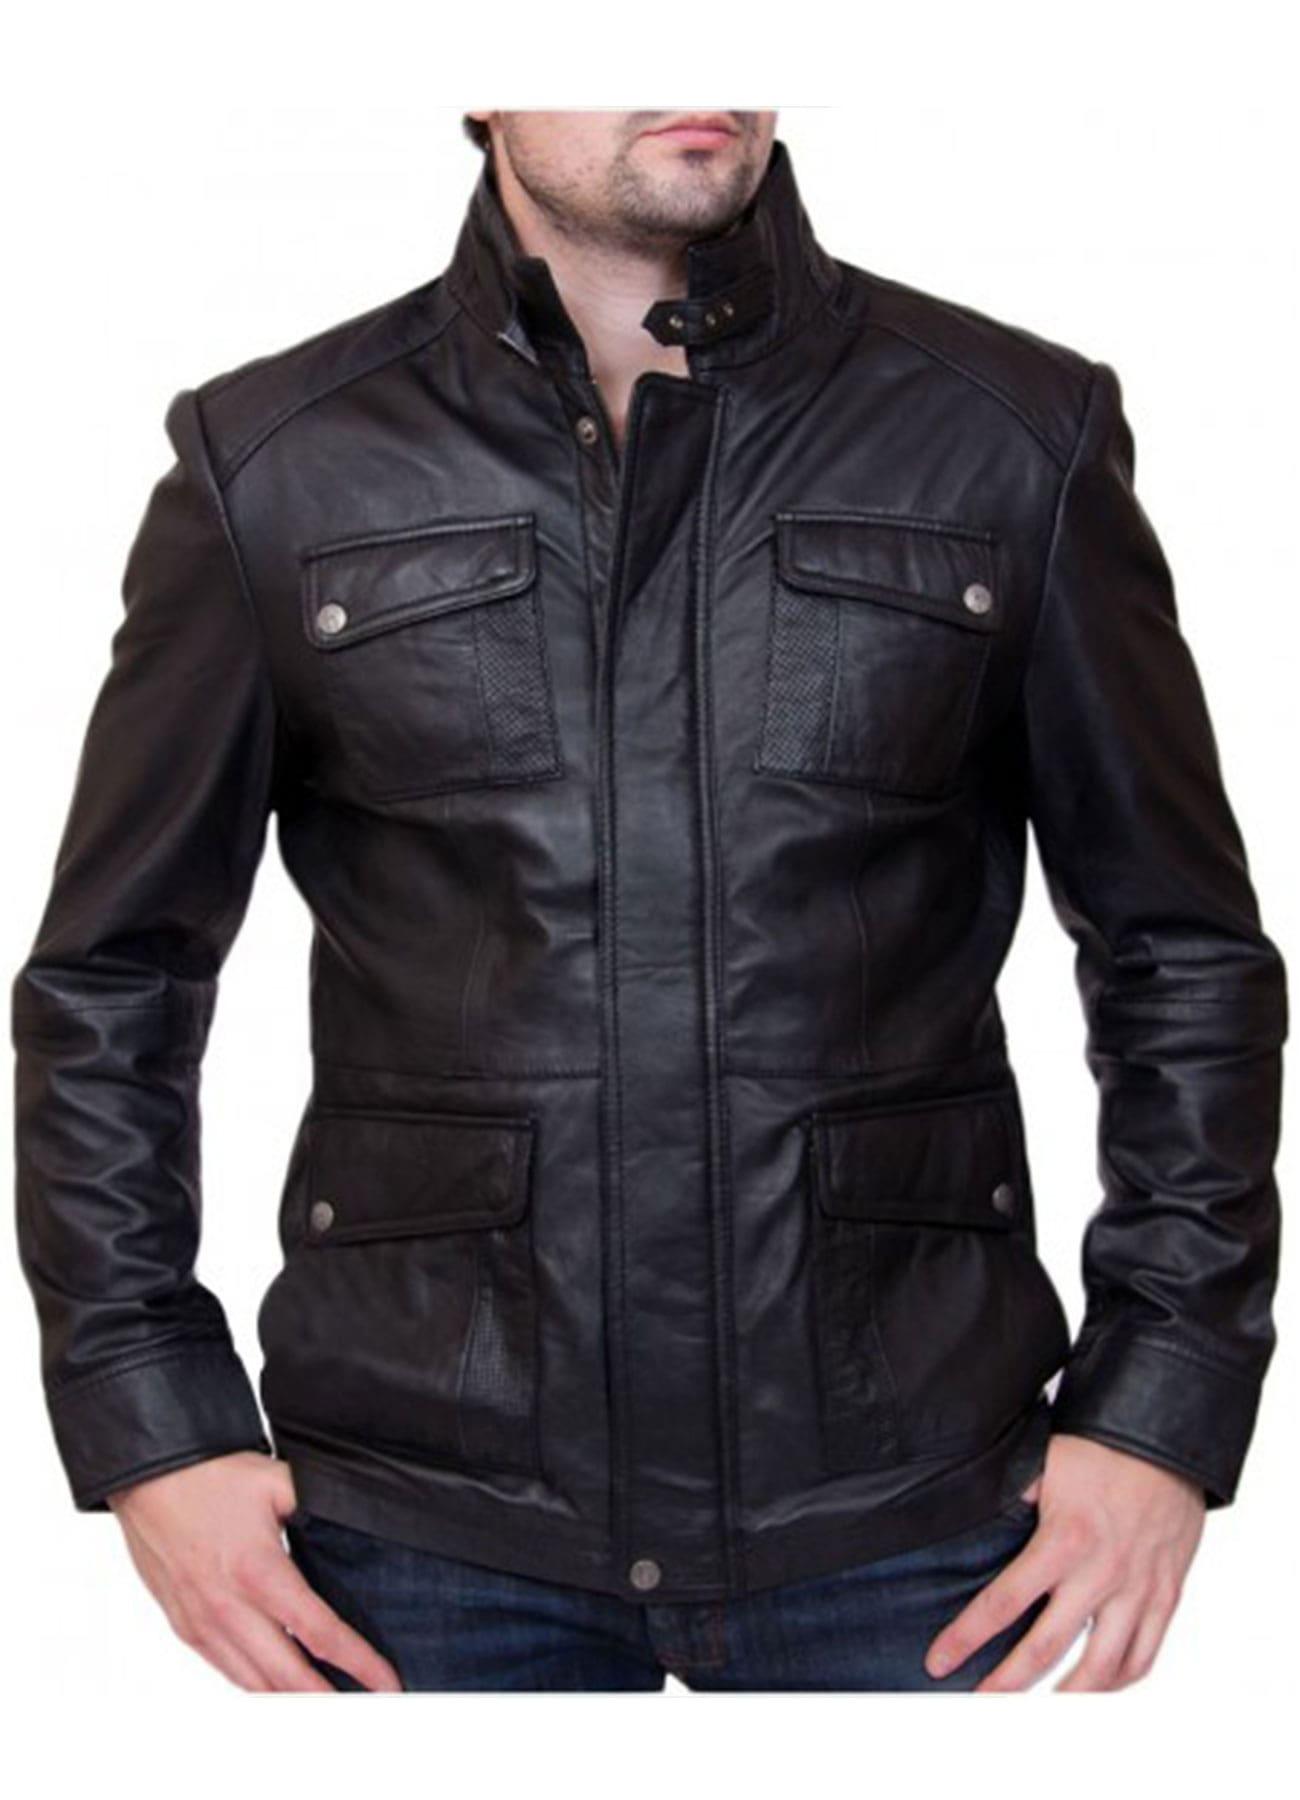 Men's Bike Racer Vintage Black Genuine Leather Jacket